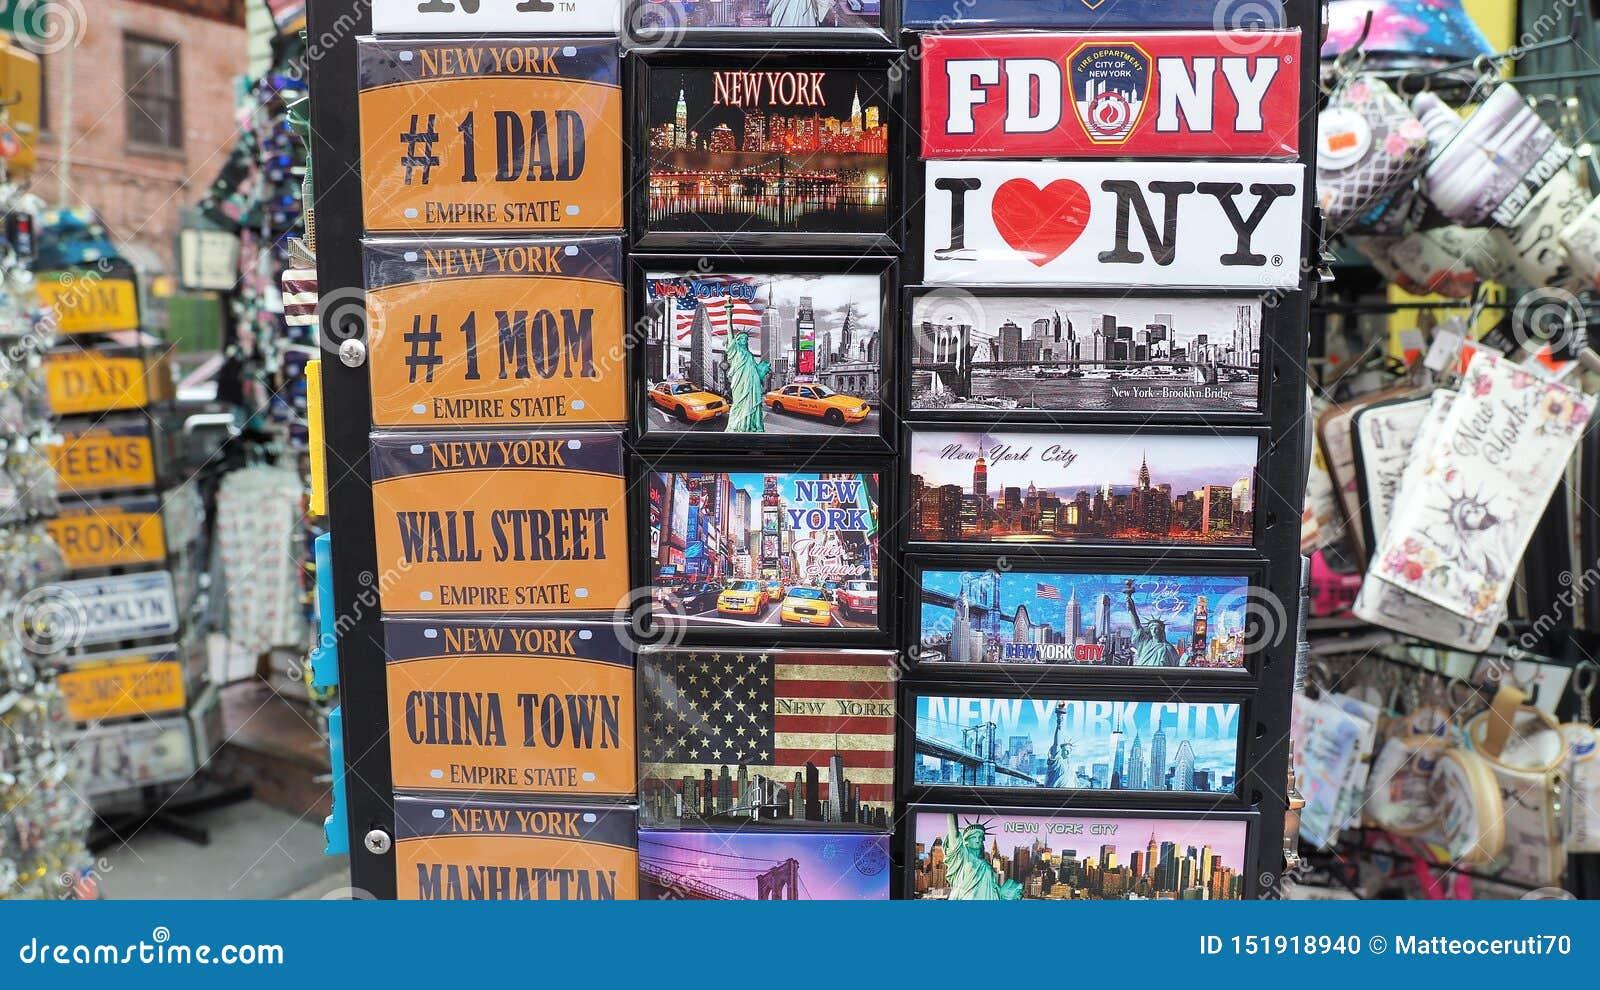 Нью-Йорк, NY, США Собрание магнитов, который нужно продать к туристам